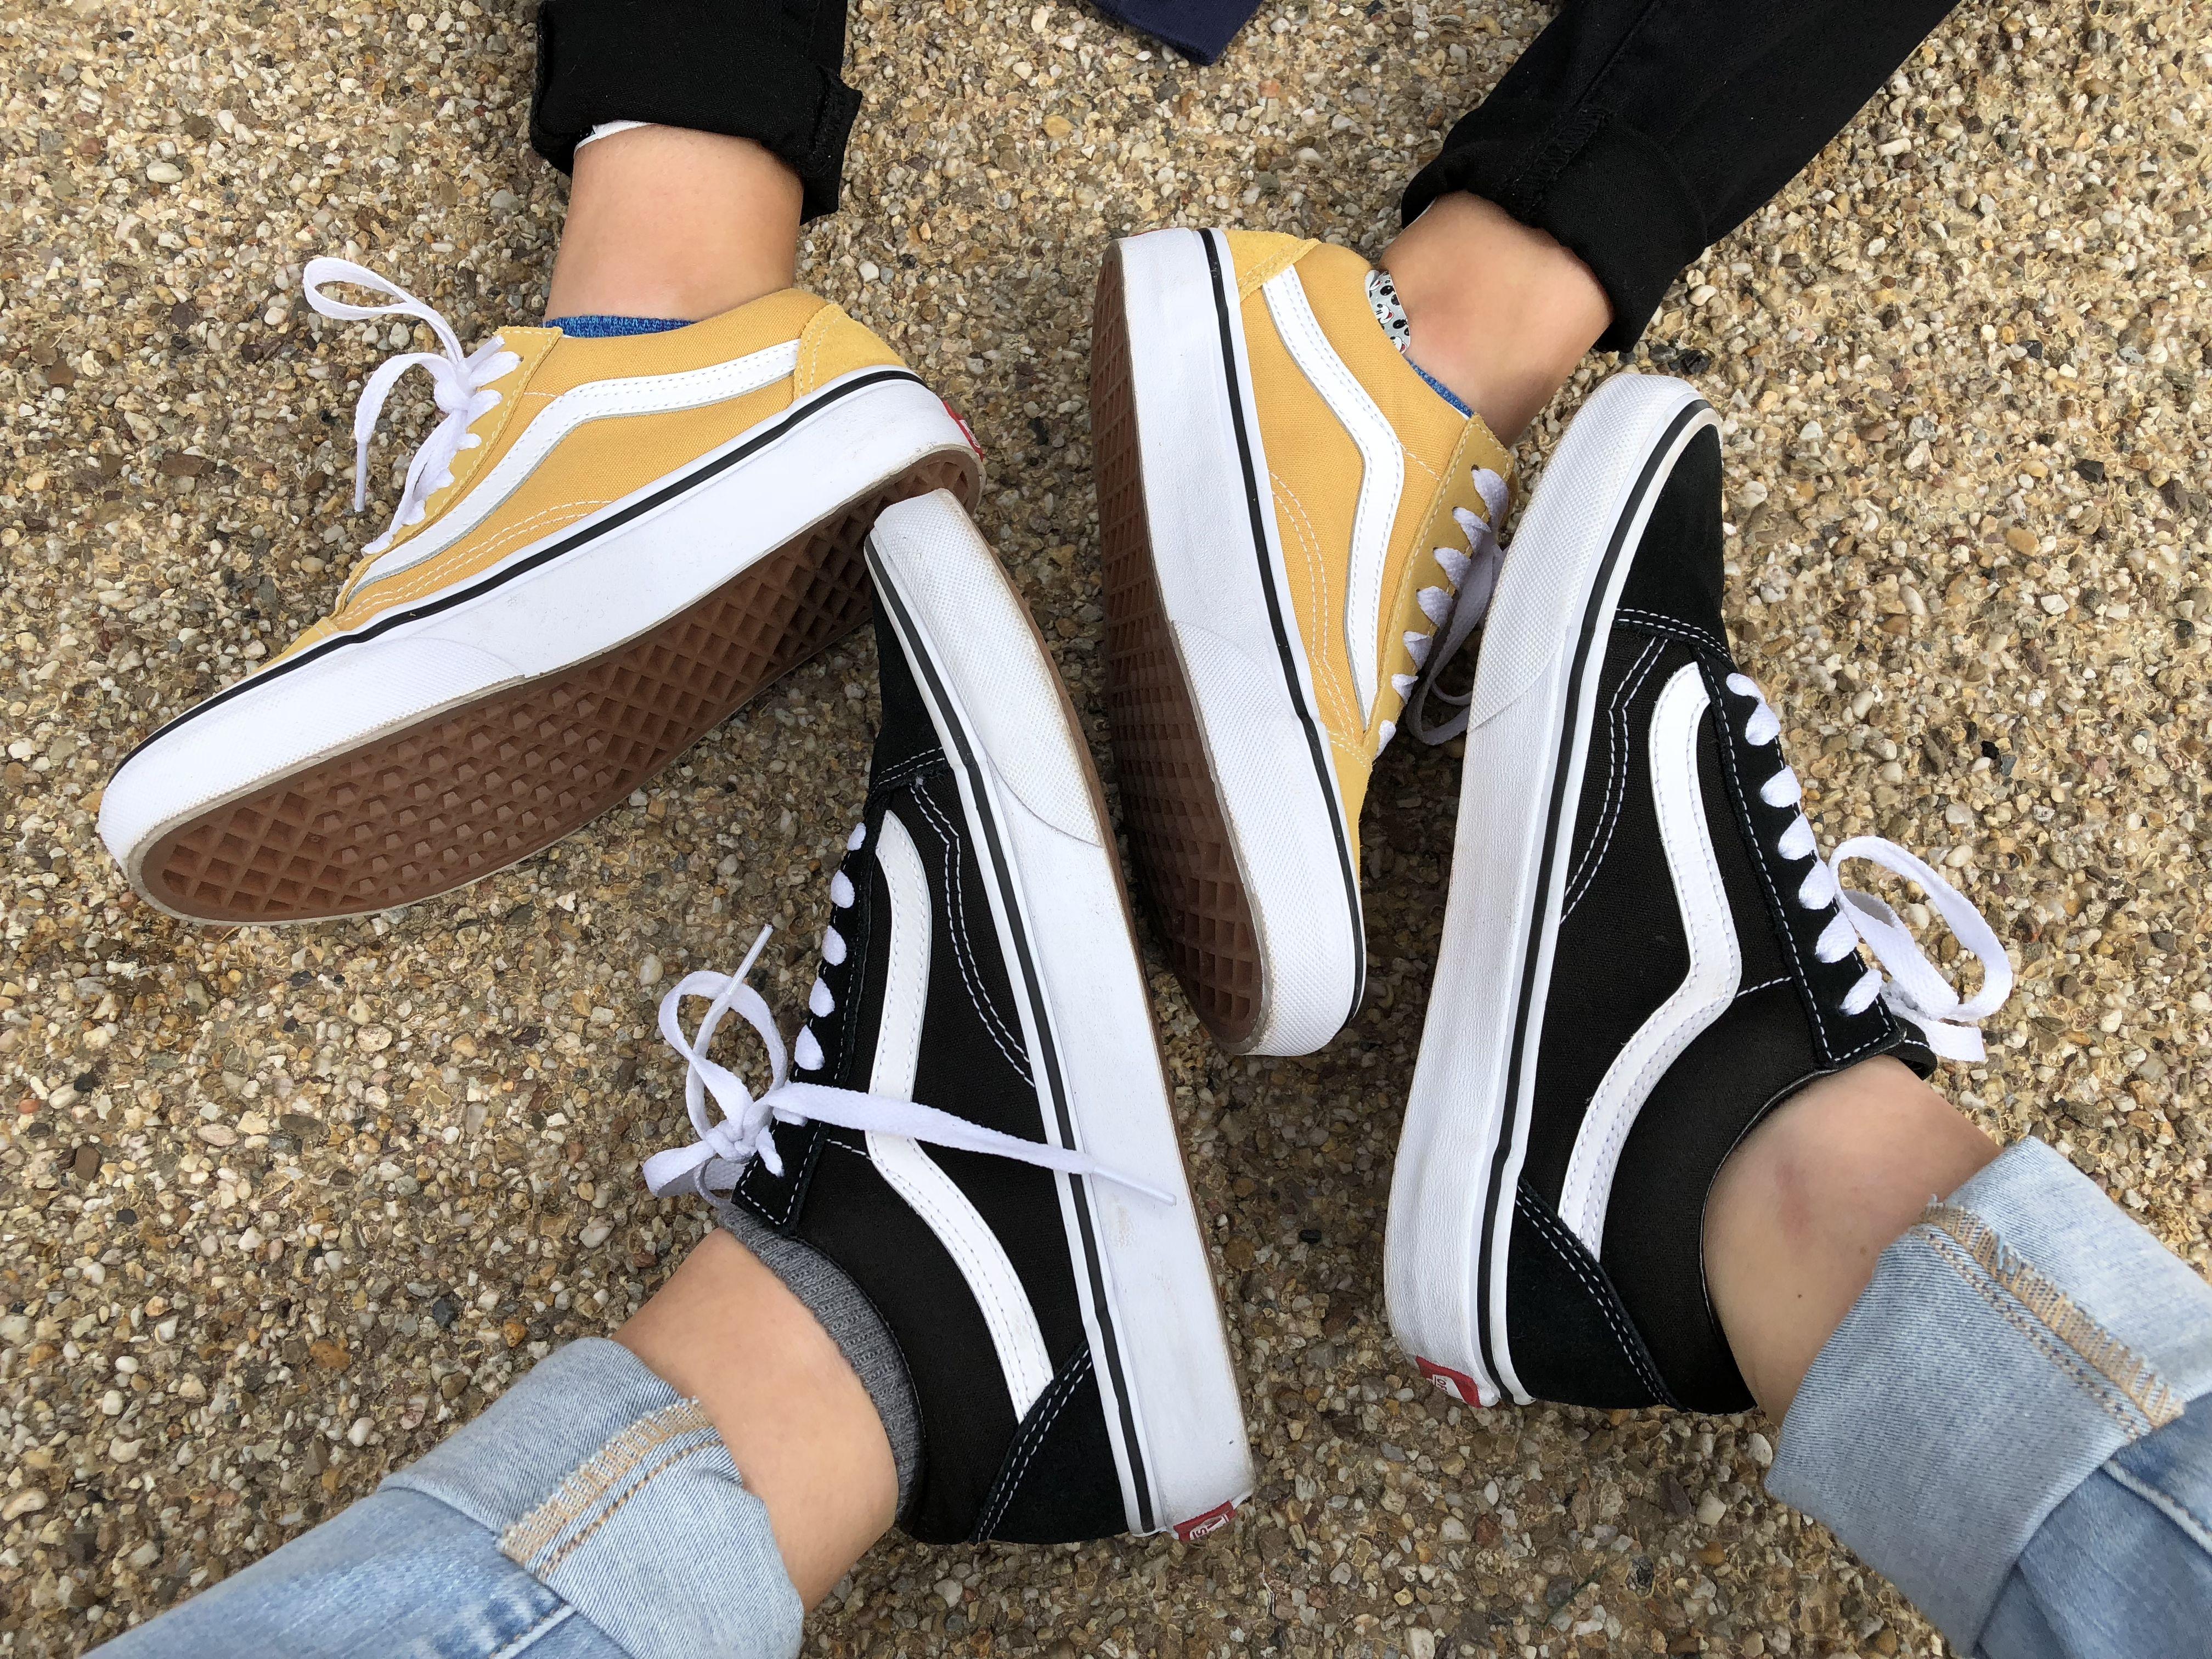 vans shoes vansoutfit Vans outfit, Vans, Shoes